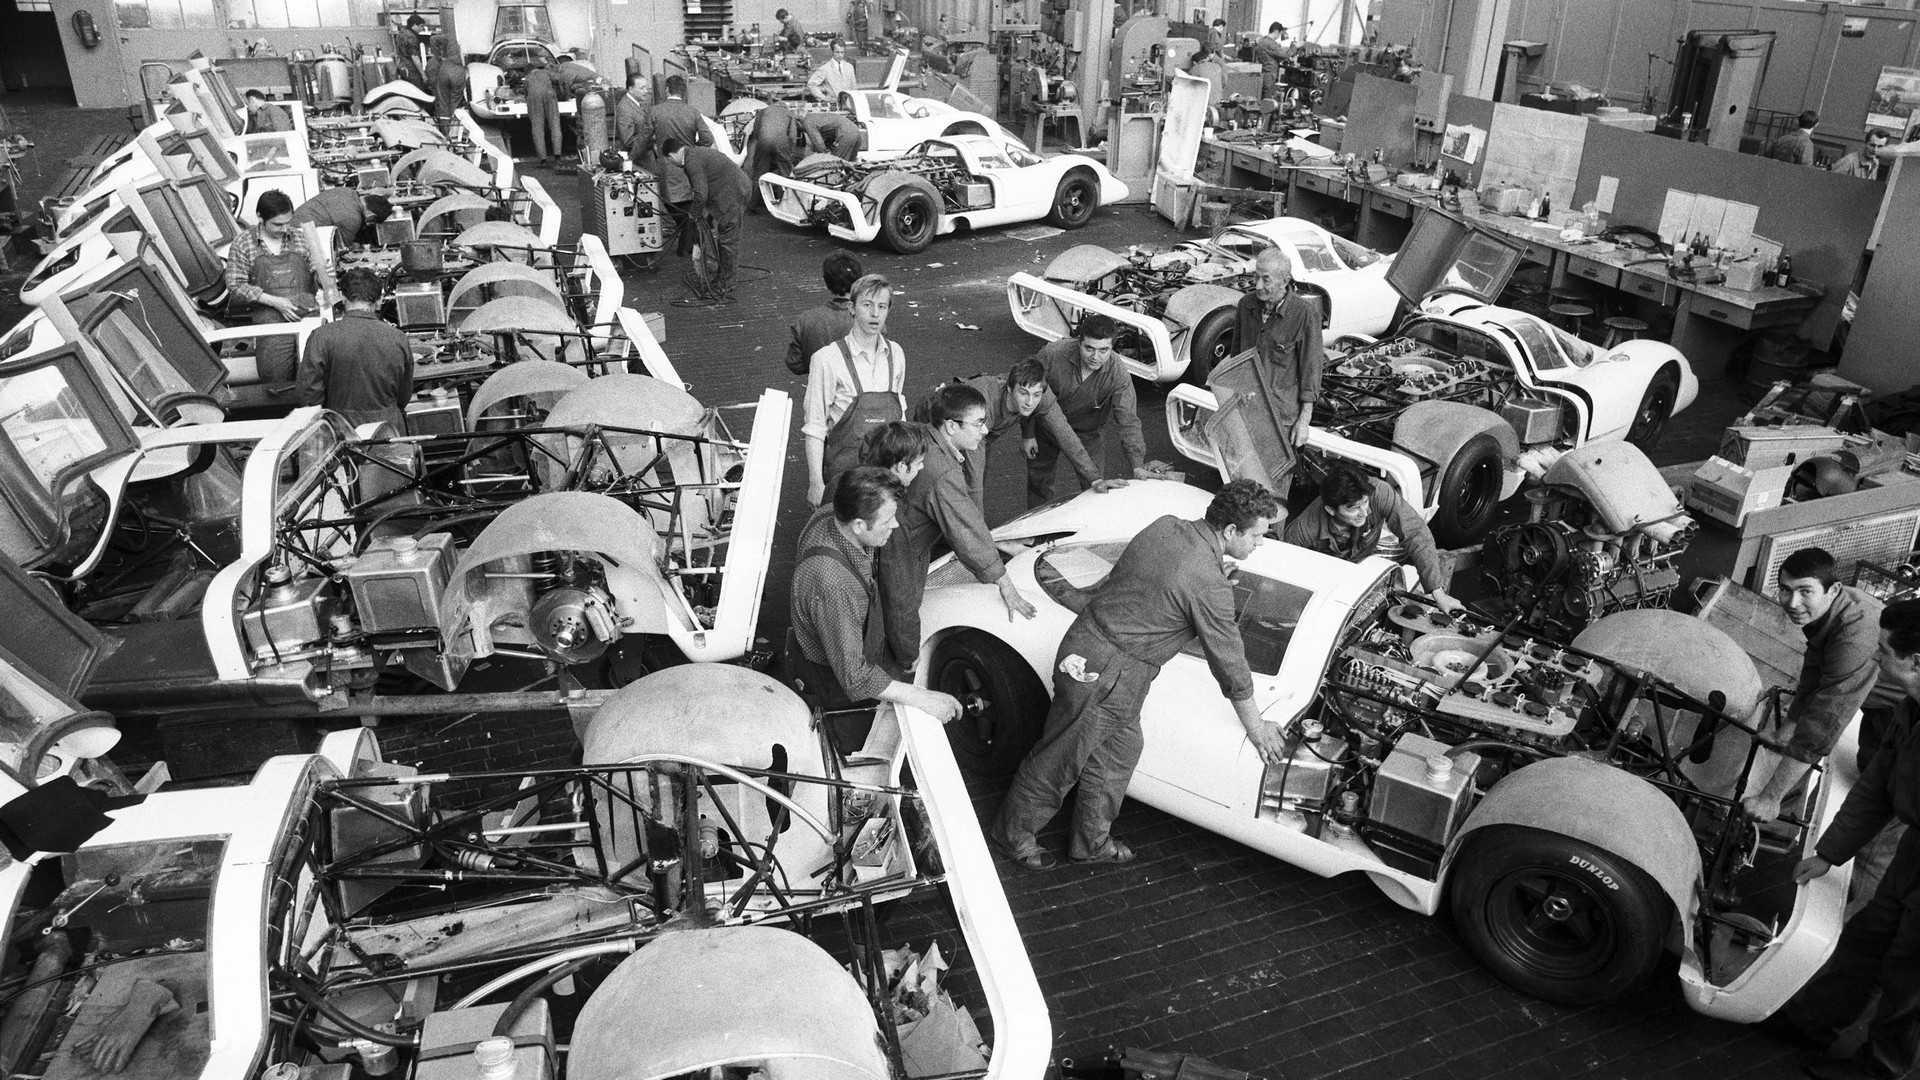 porsche-917 fabrication.jpg